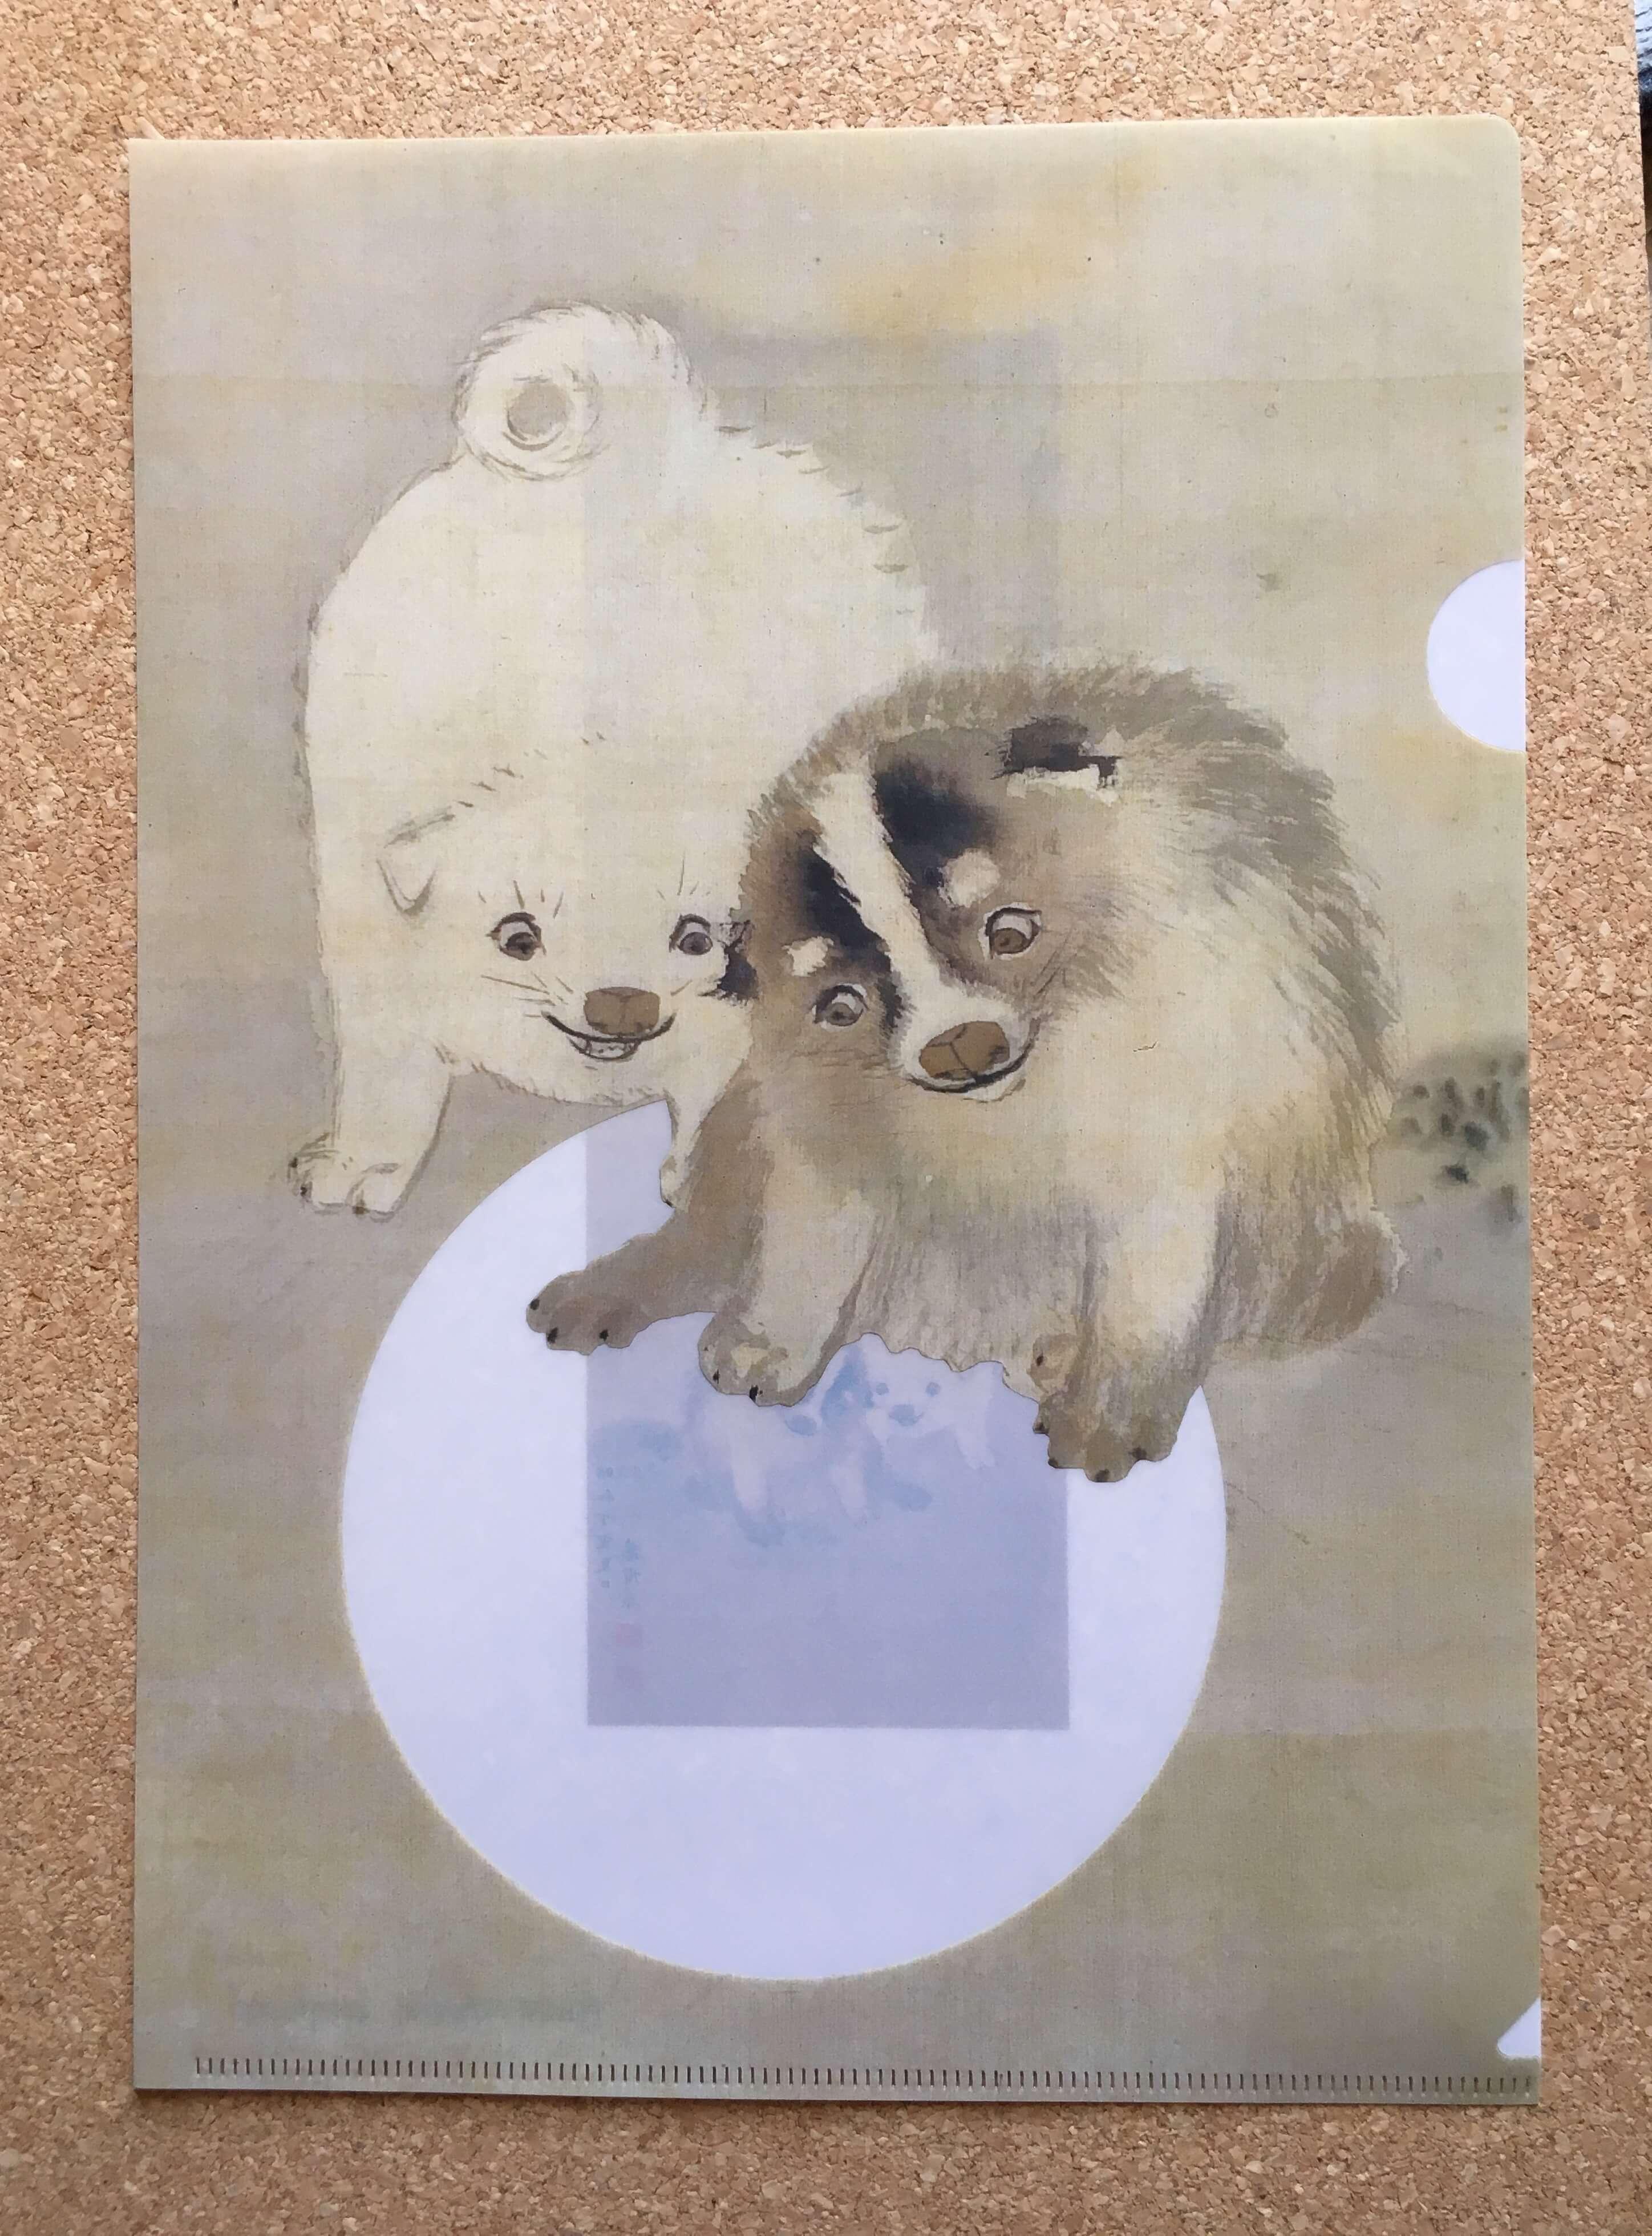 府中市美術館のクリアファイル